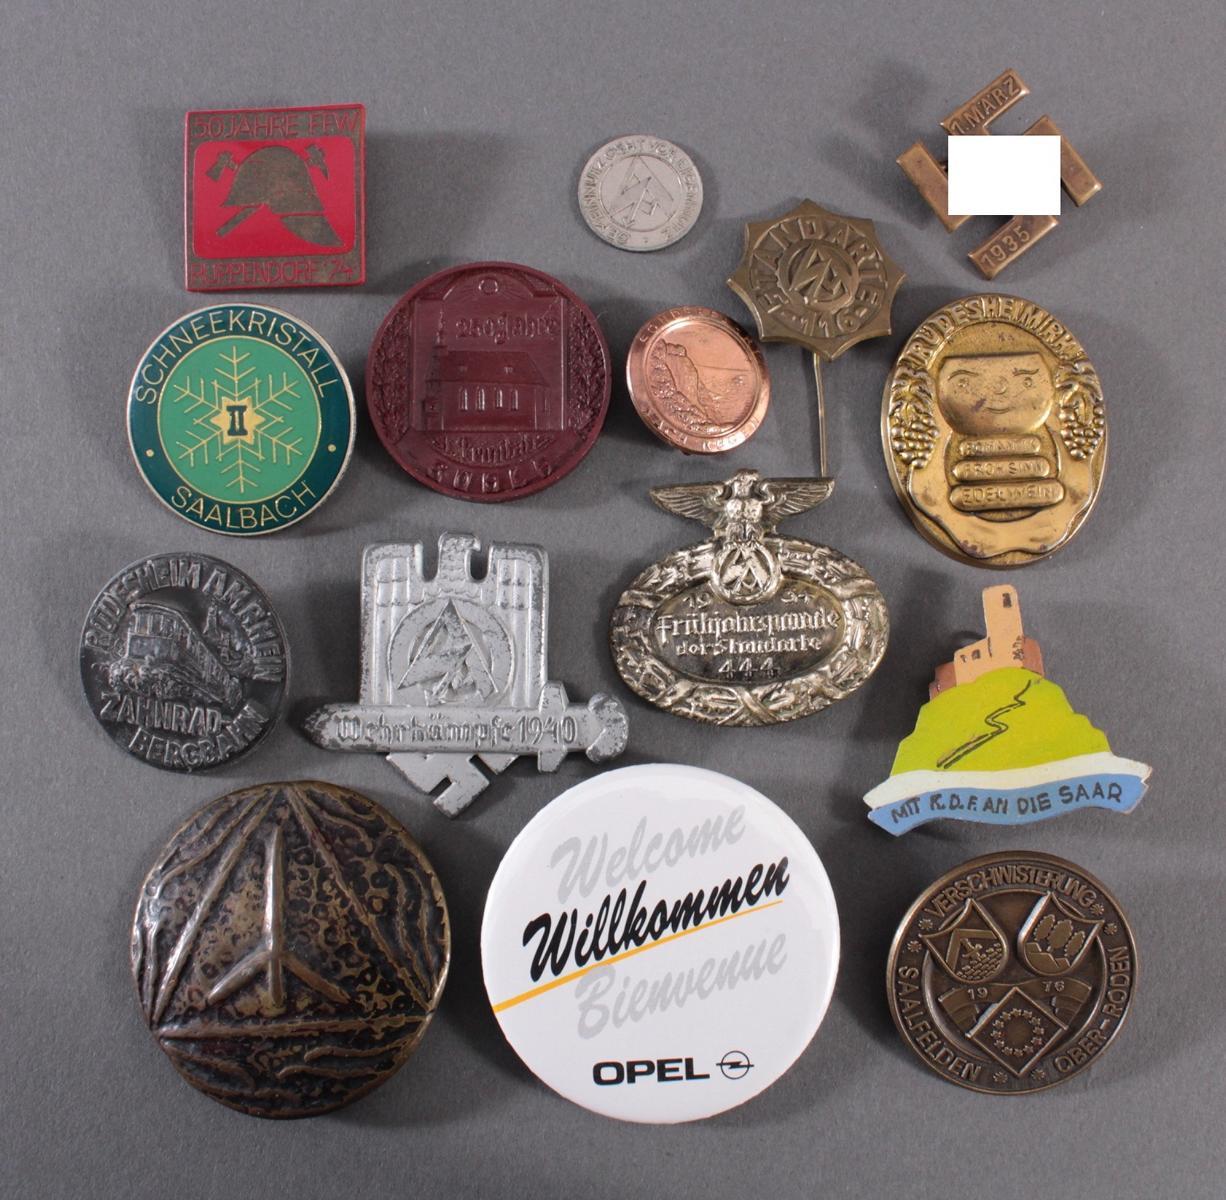 Sammlung Mitglieds- und Veranstaltungsabzeichen Rübeland Saar, 15 Stück